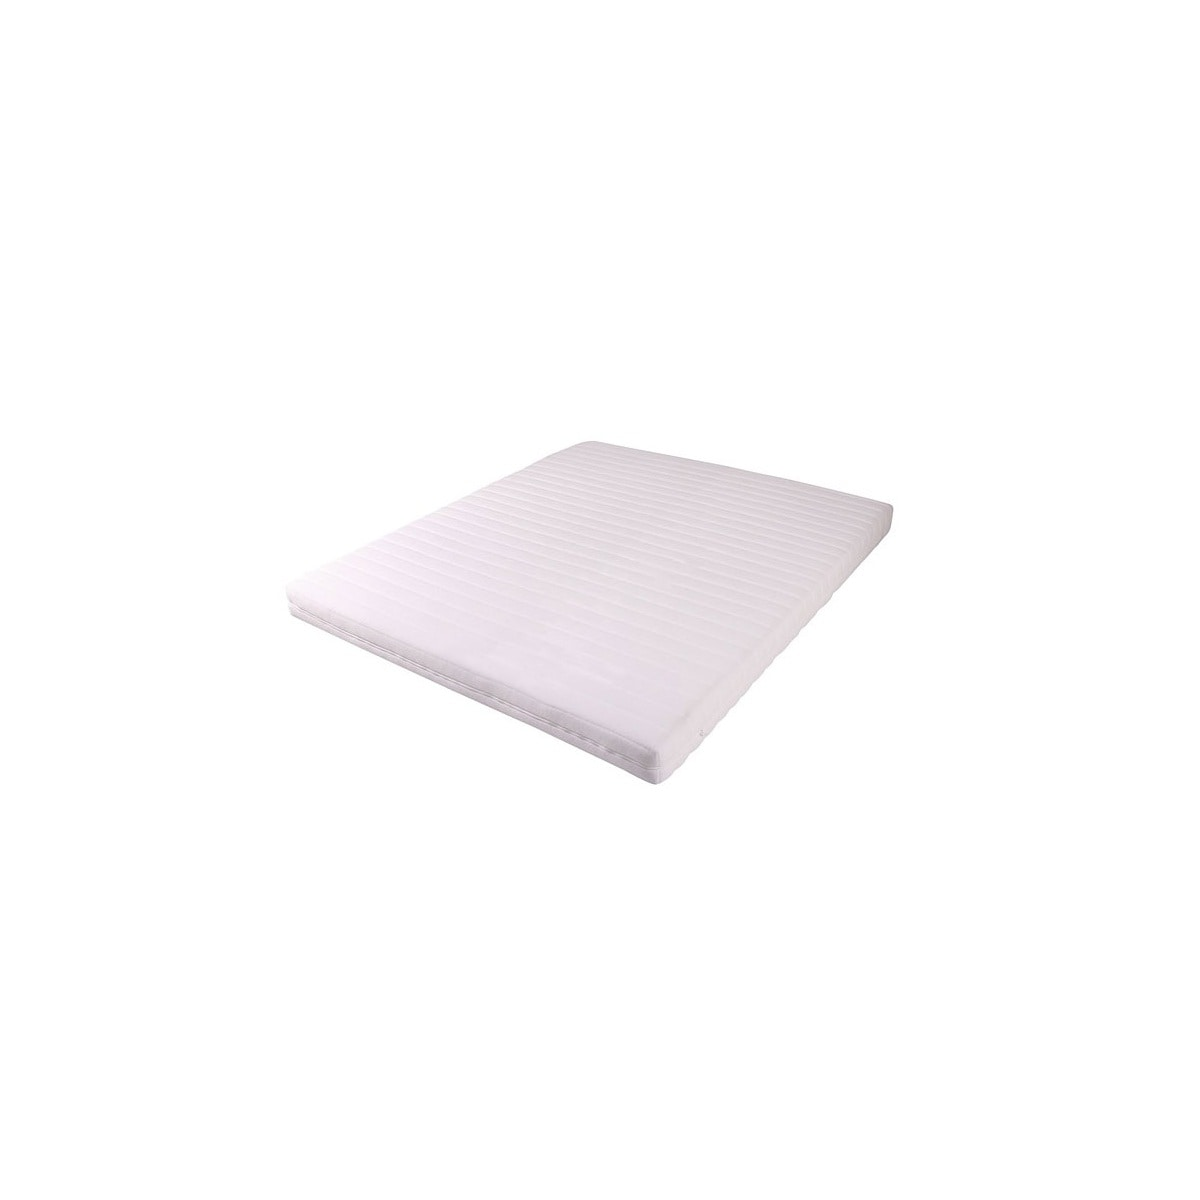 rollmatratze kaltschaum matratzen lattenroste. Black Bedroom Furniture Sets. Home Design Ideas